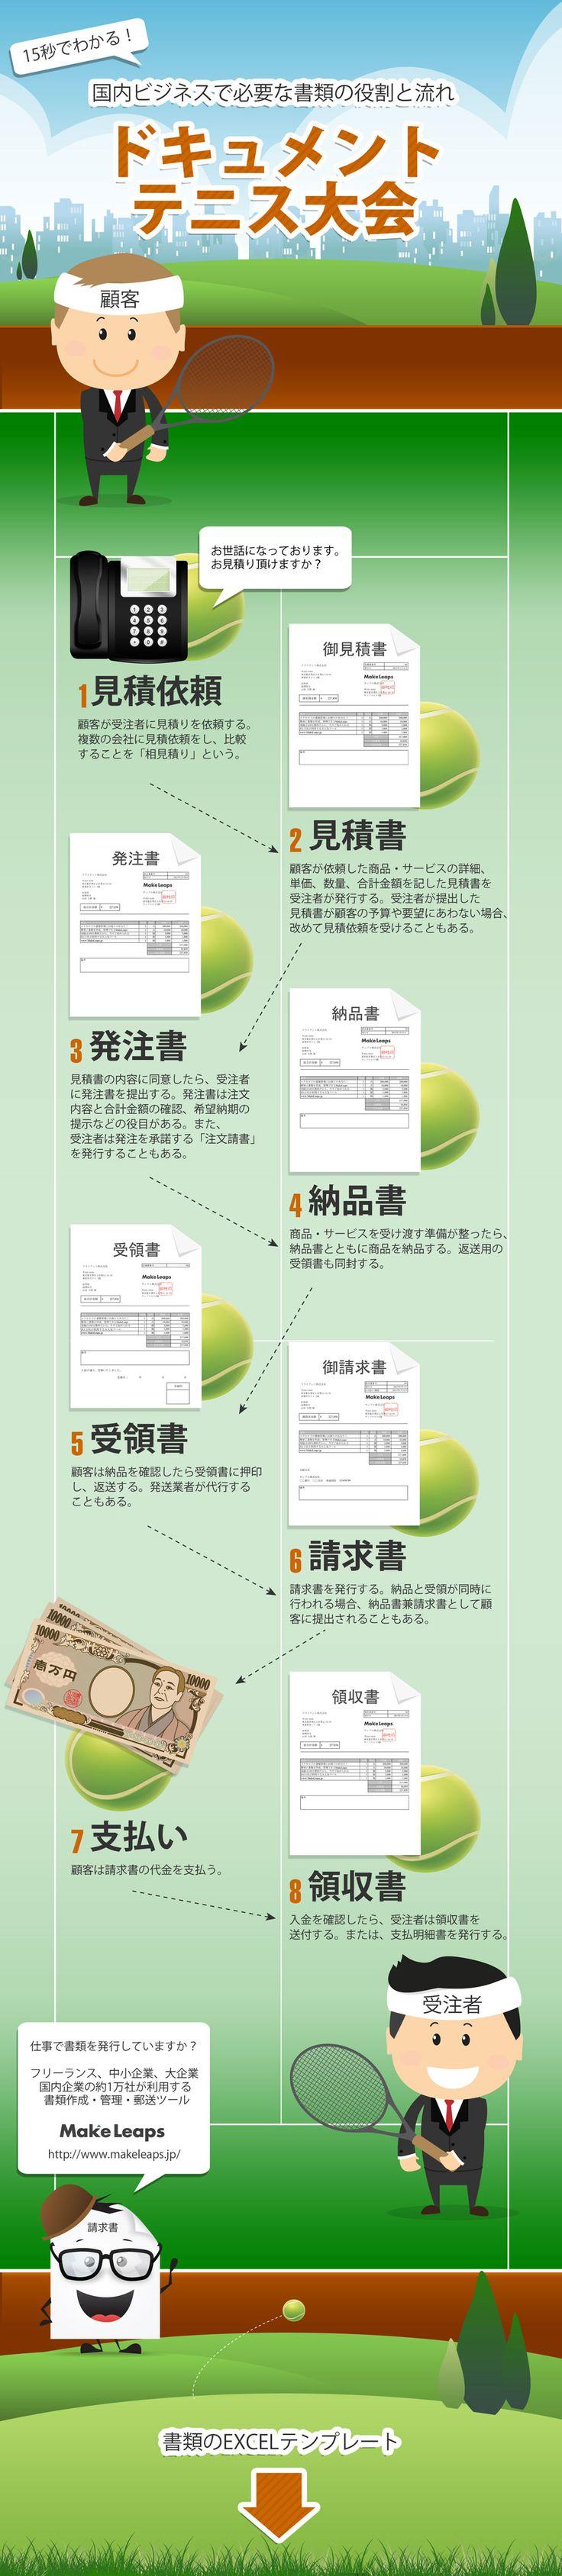 15秒でわかる!「見積書→発注書→納品書→受領書→請求書→領収書」の役割と流れ